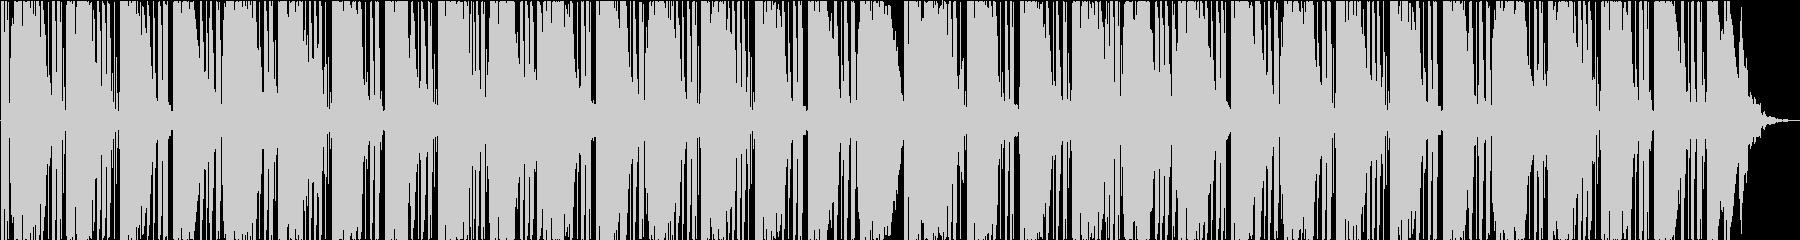 ジャジーなローファイ・チルの未再生の波形